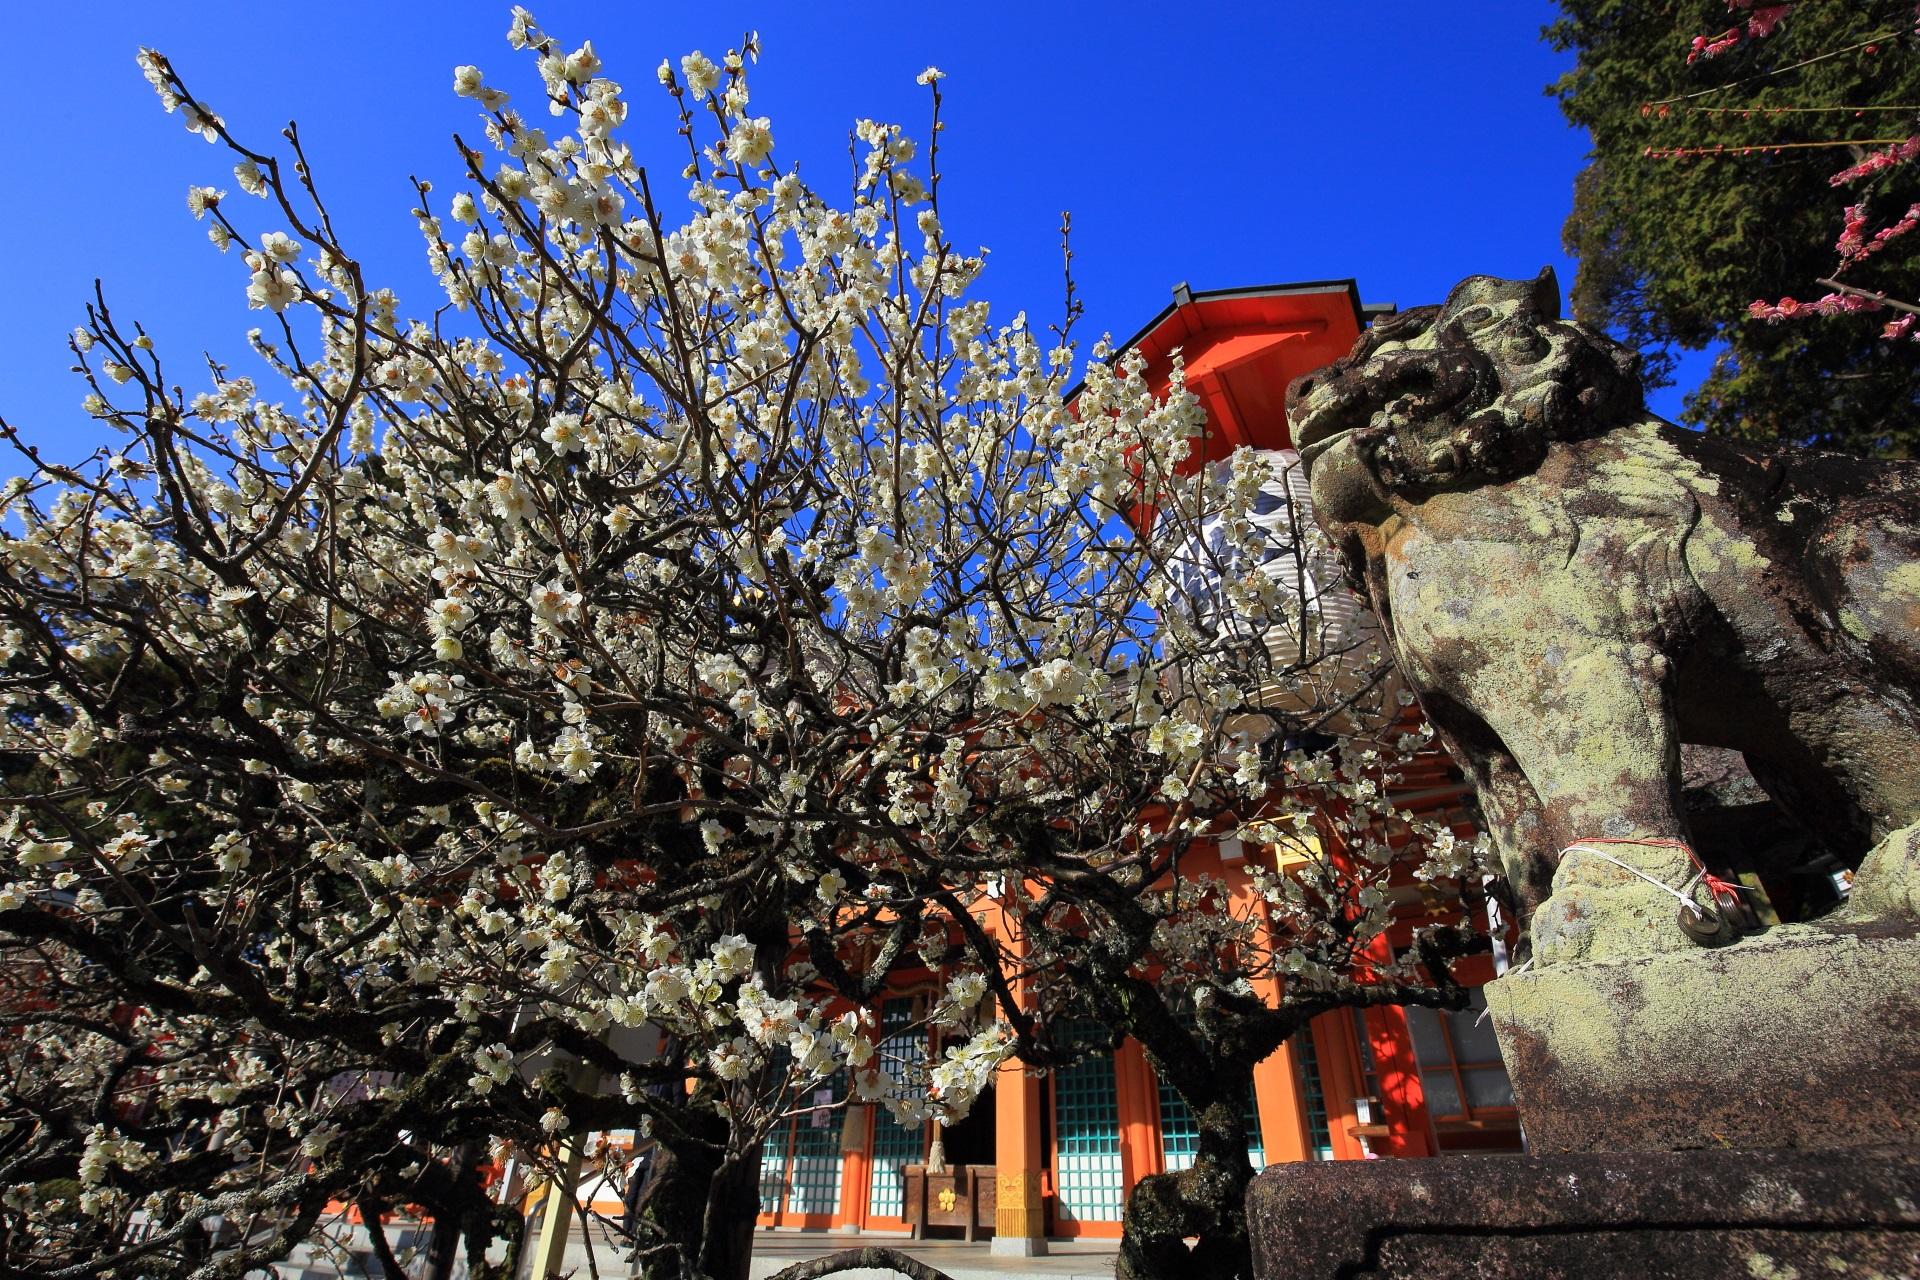 春先の境内を華やぐ溢れる満開の梅の花